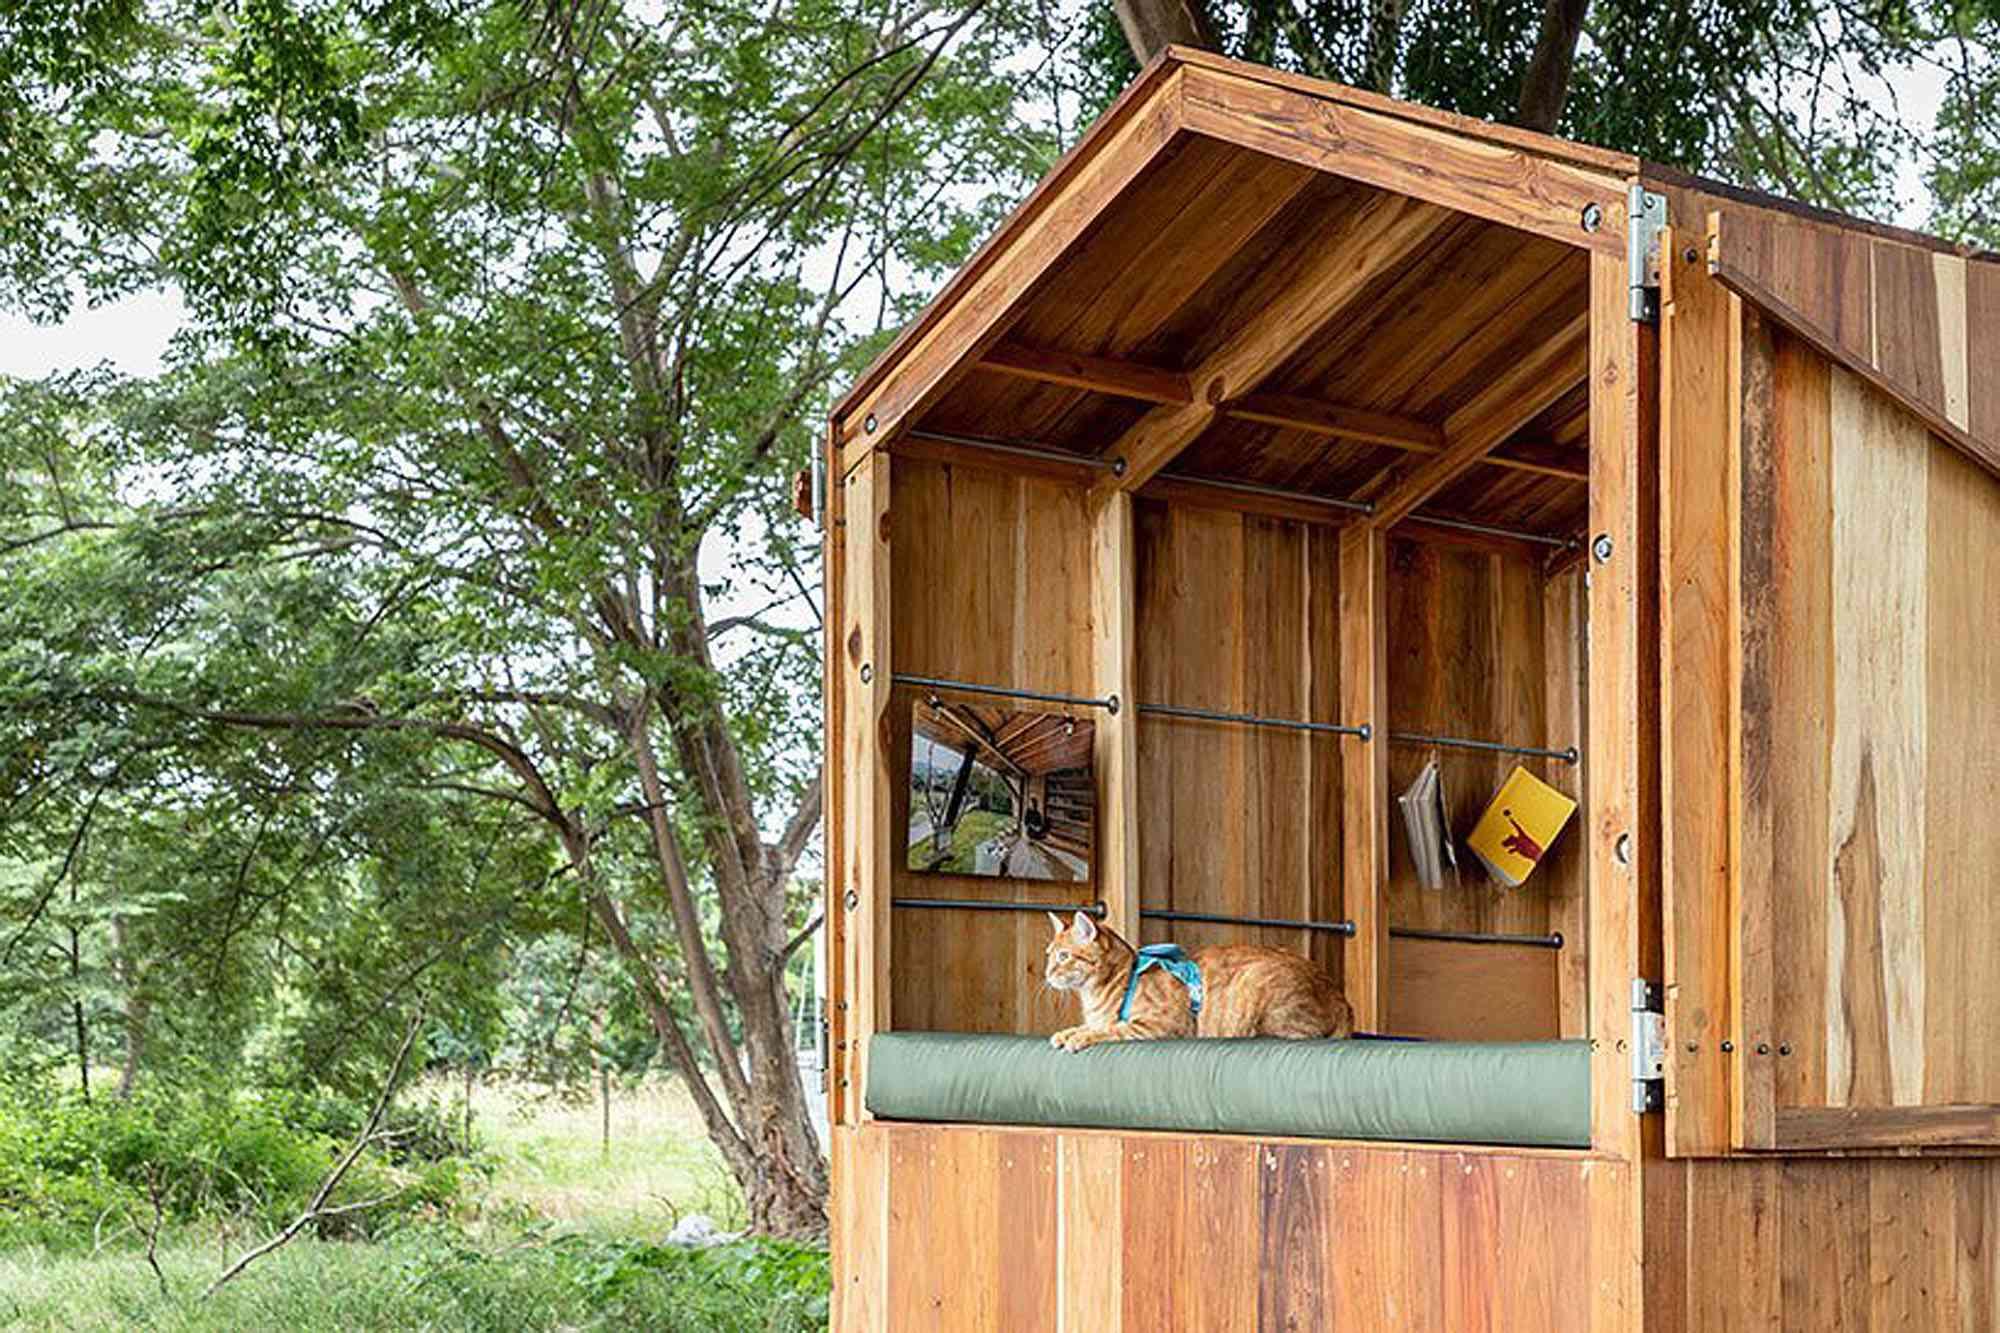 La Casa Nueva mobile diy camper JAG Studio bed